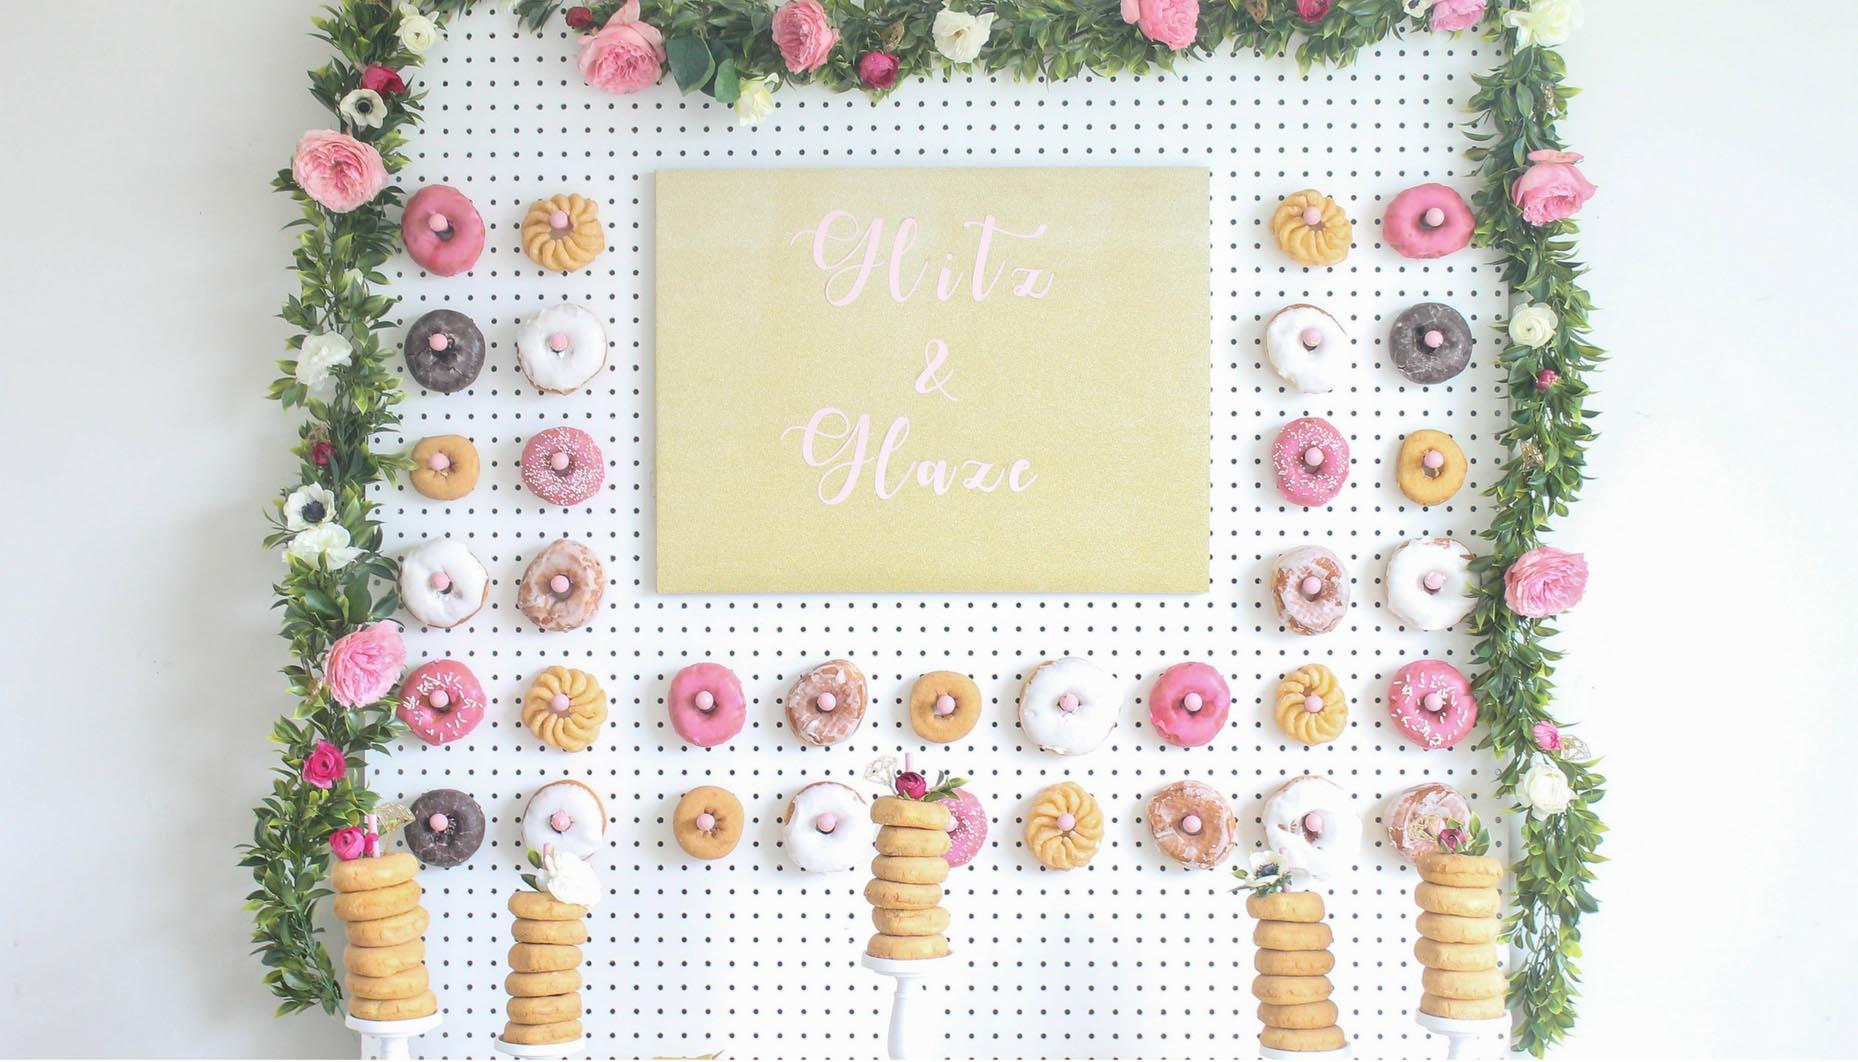 97e7c0a99d85 Glitz-and-Glaze-Donut-Bridal-Shower-DIY-Donut-